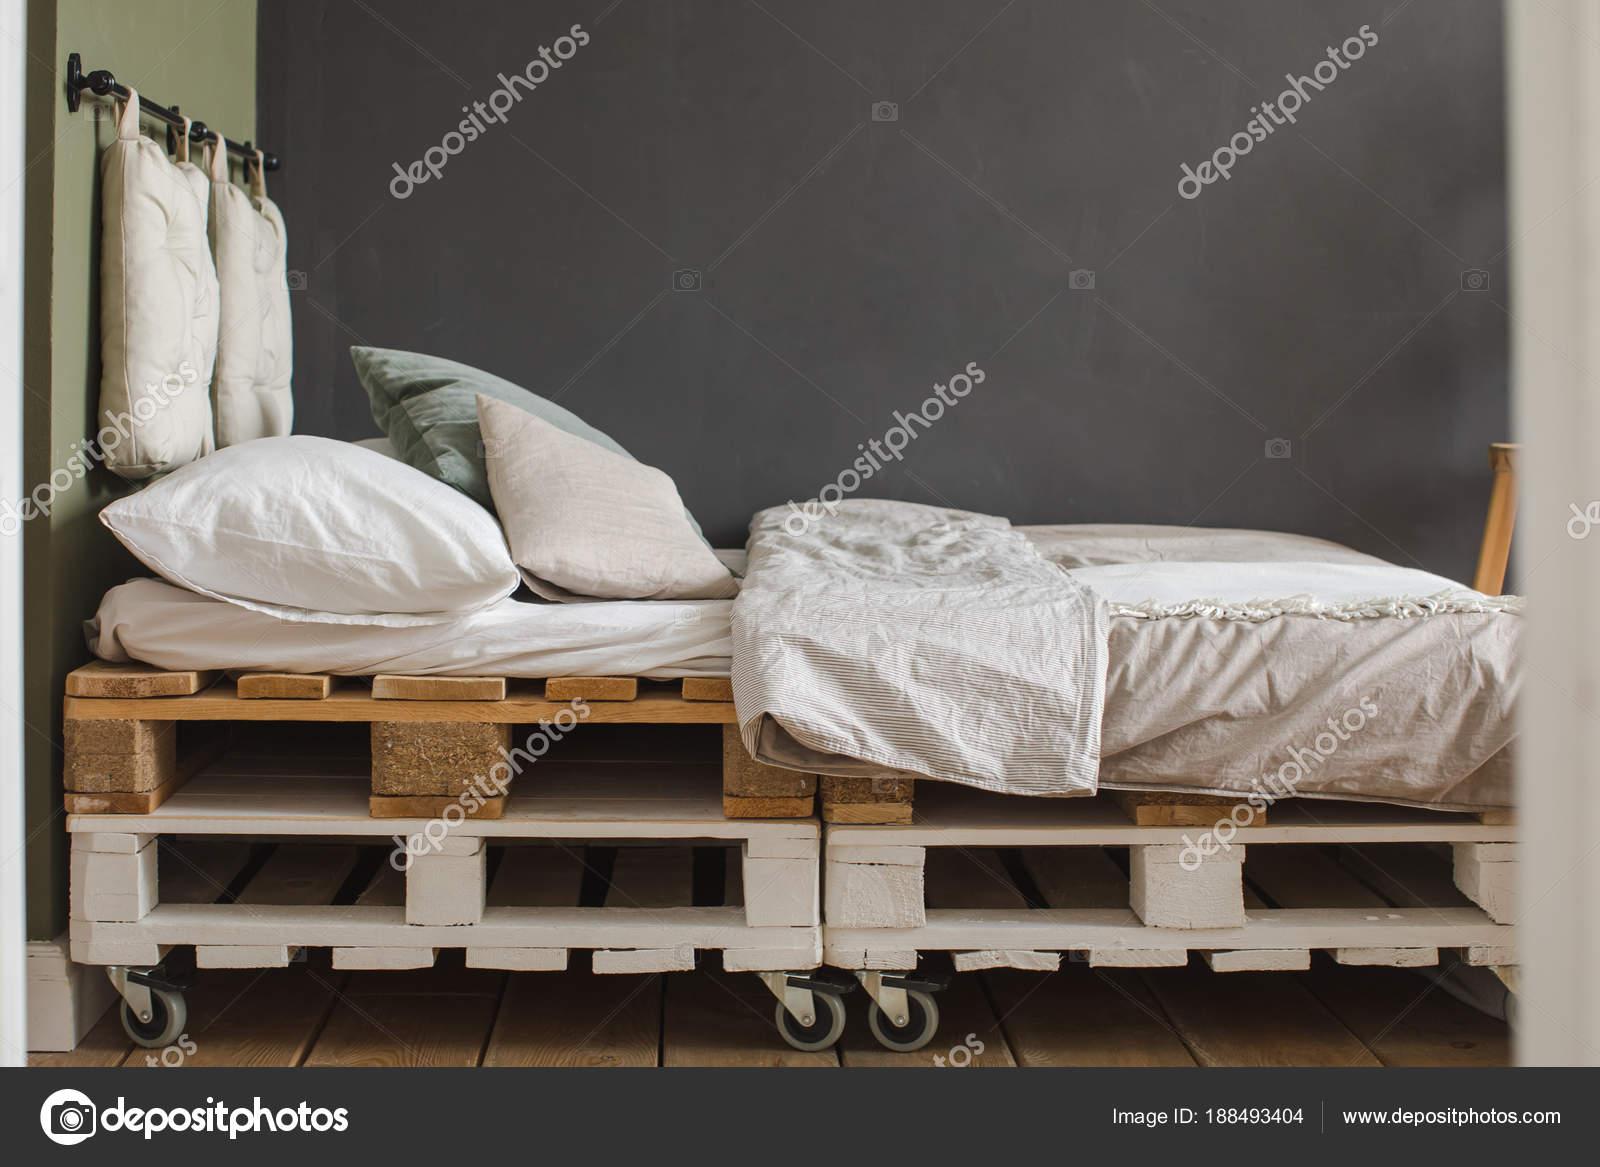 Letto Di Pallets : Telaio del letto di pallet riciclati di stile industriale camera